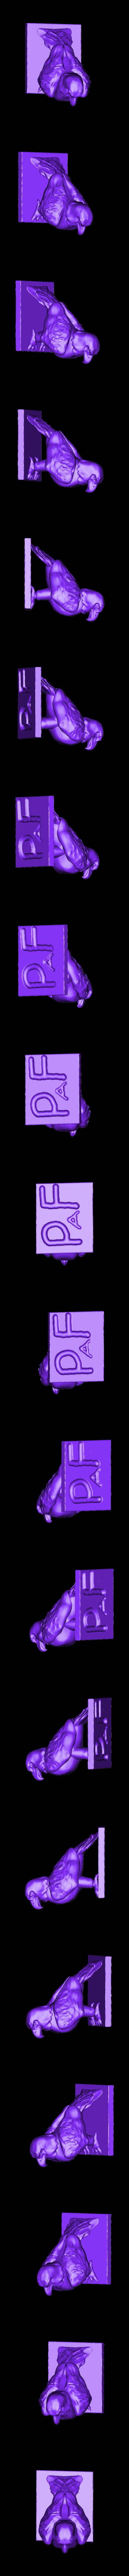 Bald_Eagle.stl Télécharger fichier OBJ gratuit Pygargue à tête blanche • Objet imprimable en 3D, Pza4Rza